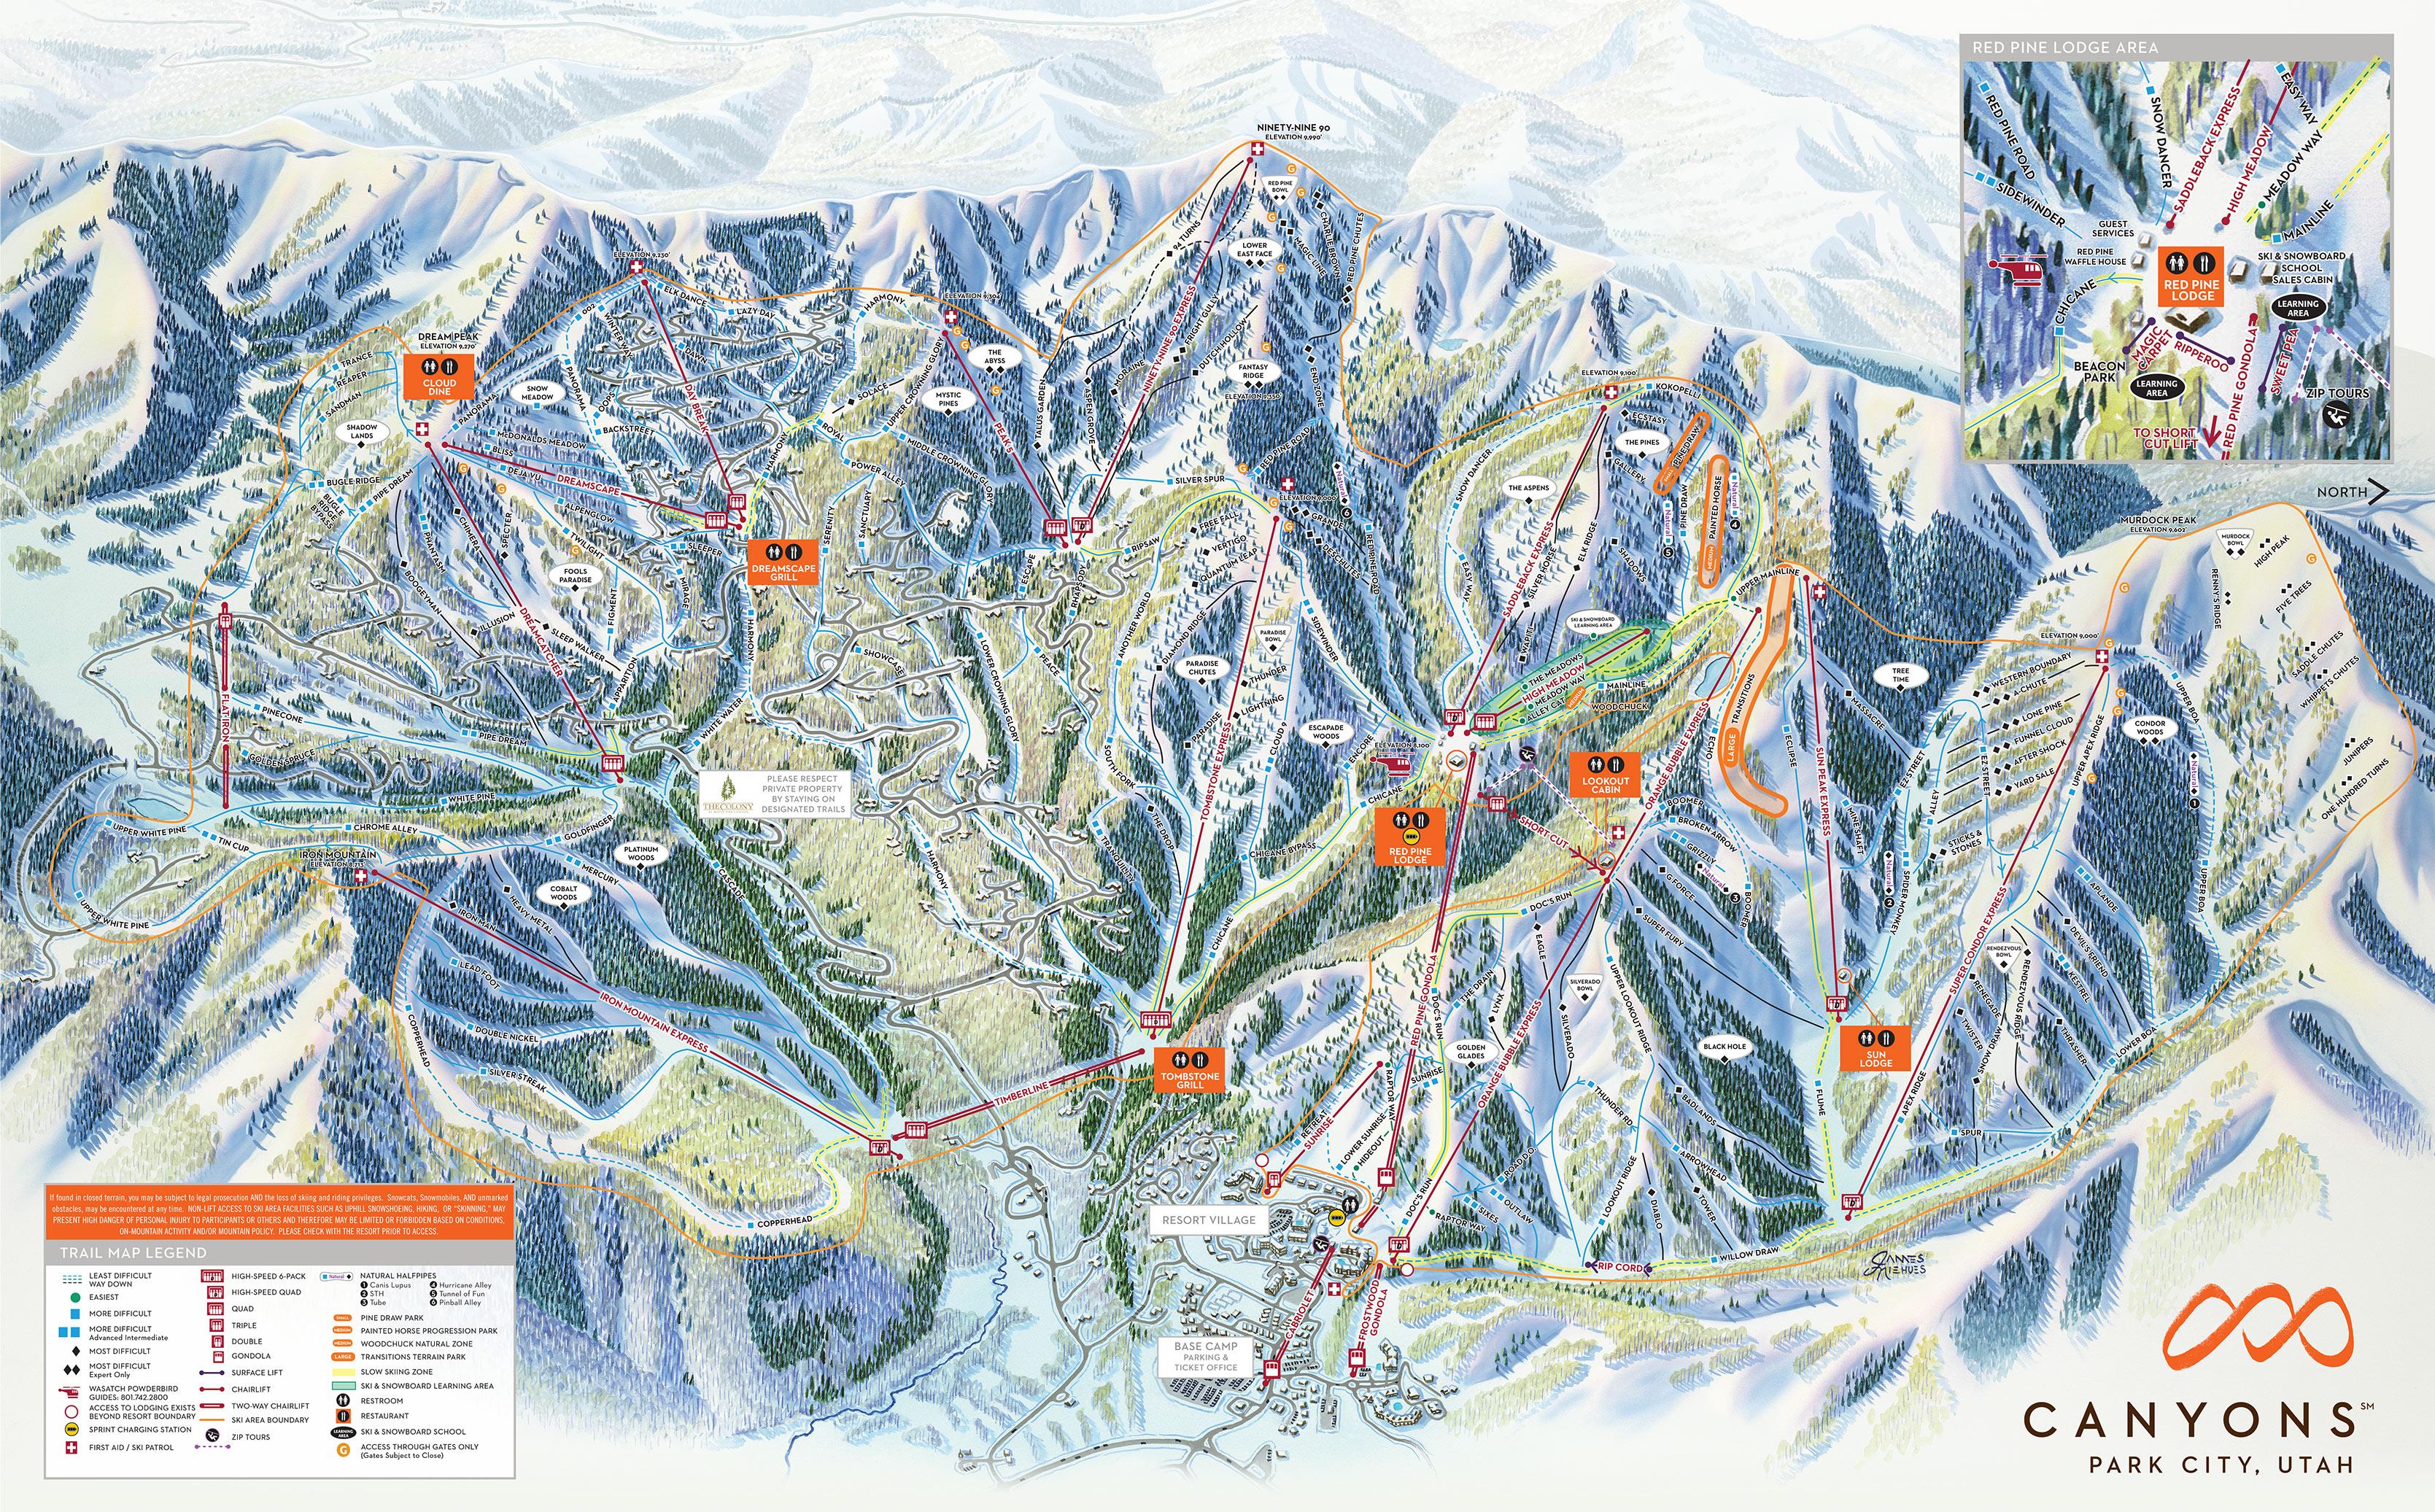 Canyons Resort Map The Canyons, Utah   Ski North America's Top 100 Resorts Canyons Resort Map